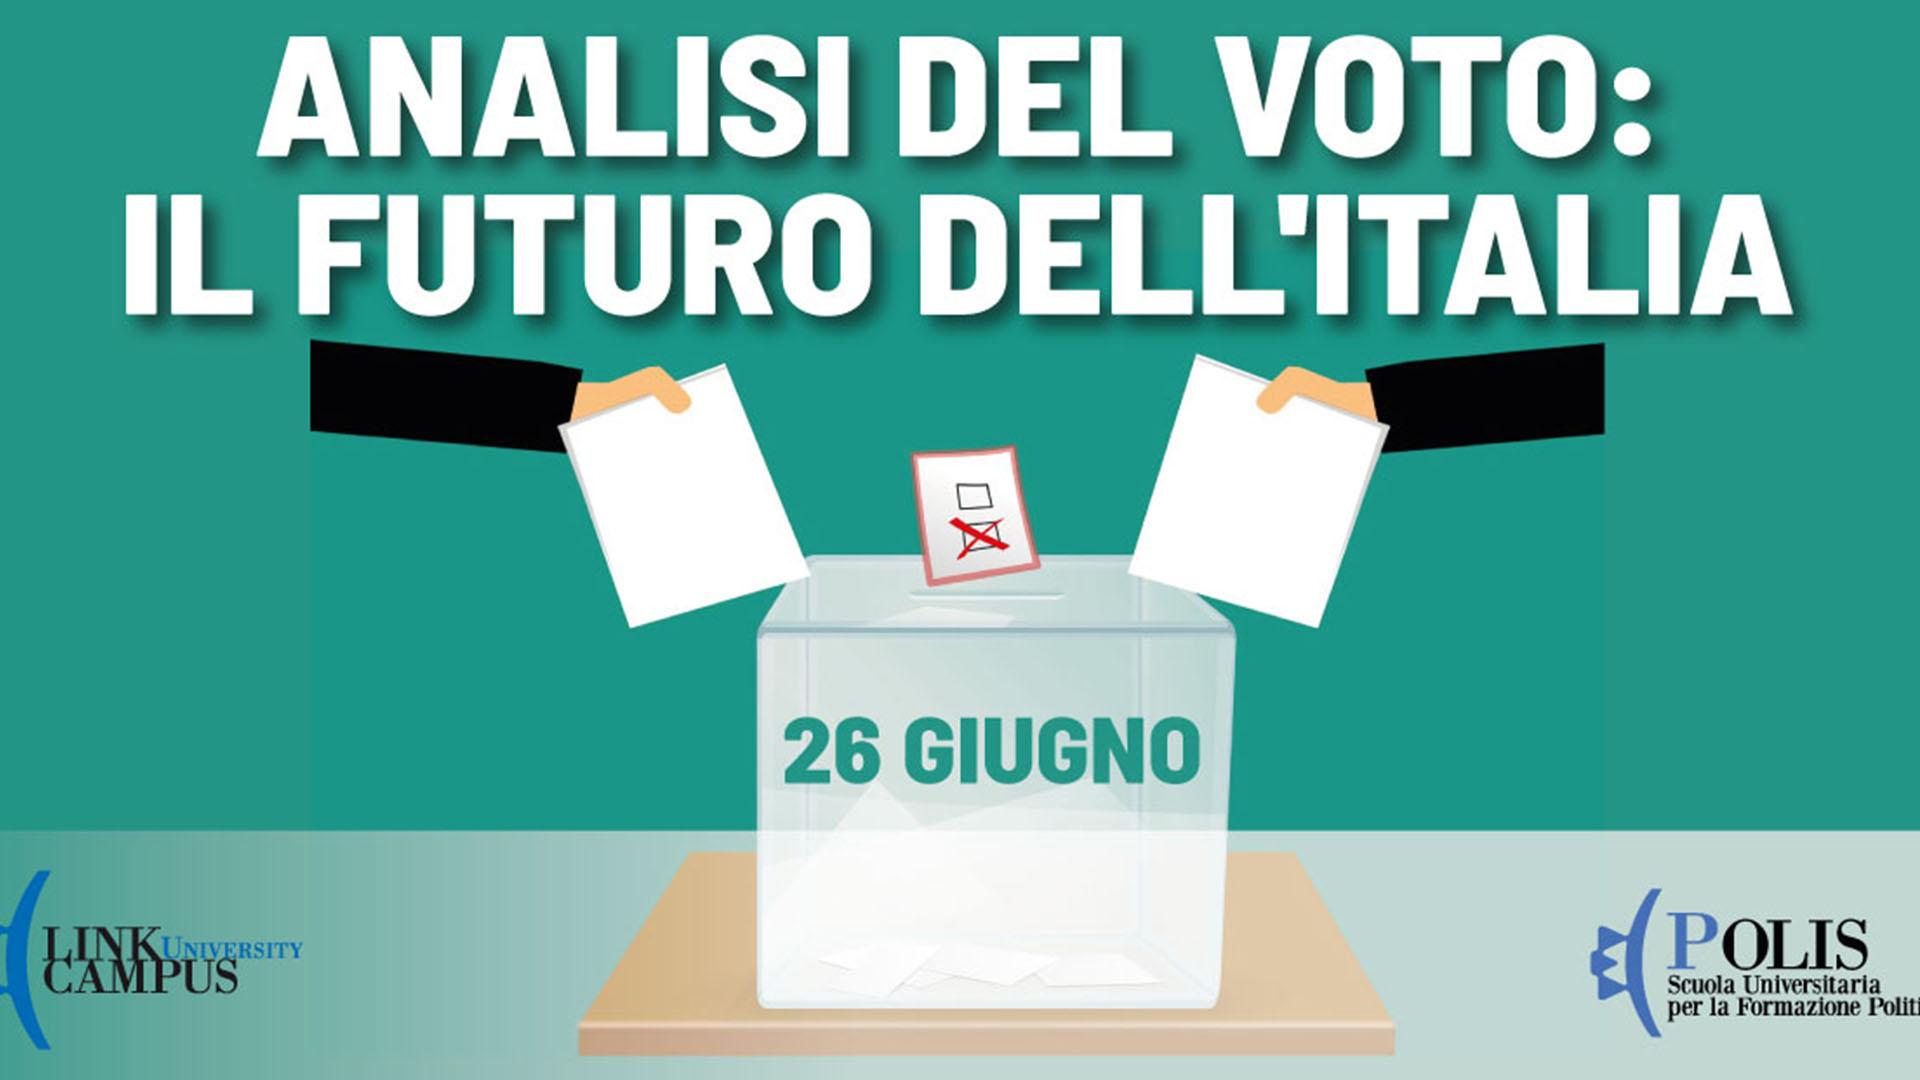 Foto analisi voto